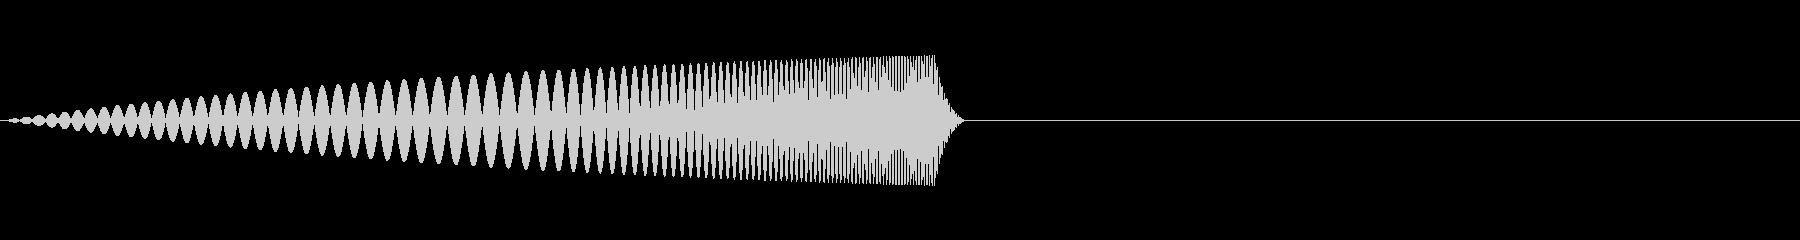 クリック、ボタン、ファンシーな足音1の未再生の波形